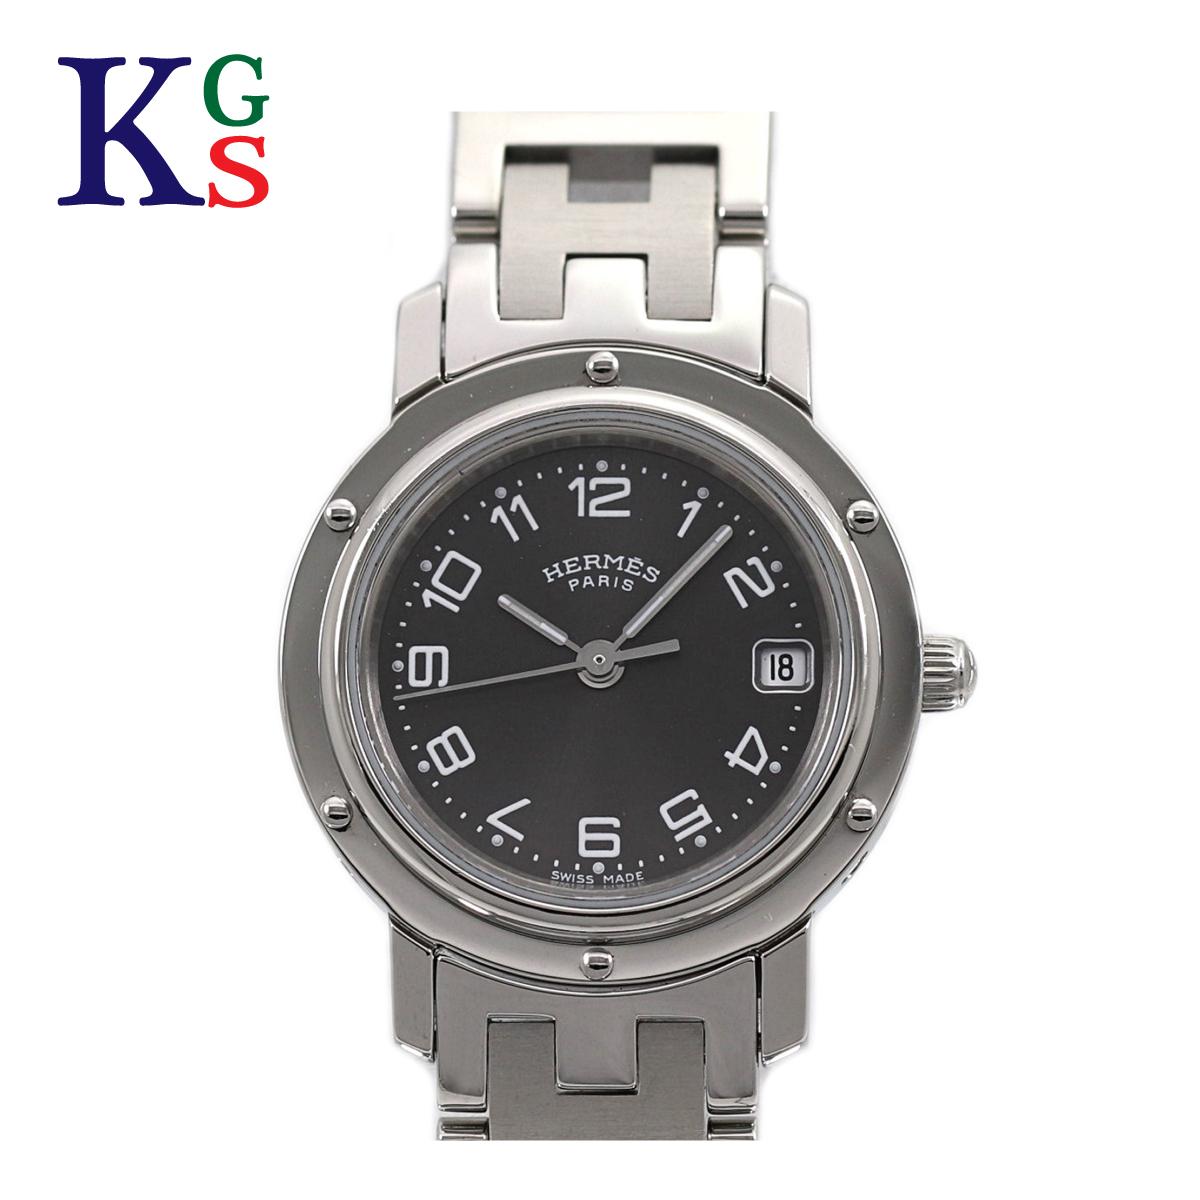 【新古品】エルメス/Hermes レディース 腕時計 クリッパー ブラック文字盤 ブラック文字盤 ブラック文字盤 クオーツ 電池式 ステンレススチール CL4.210 1d7